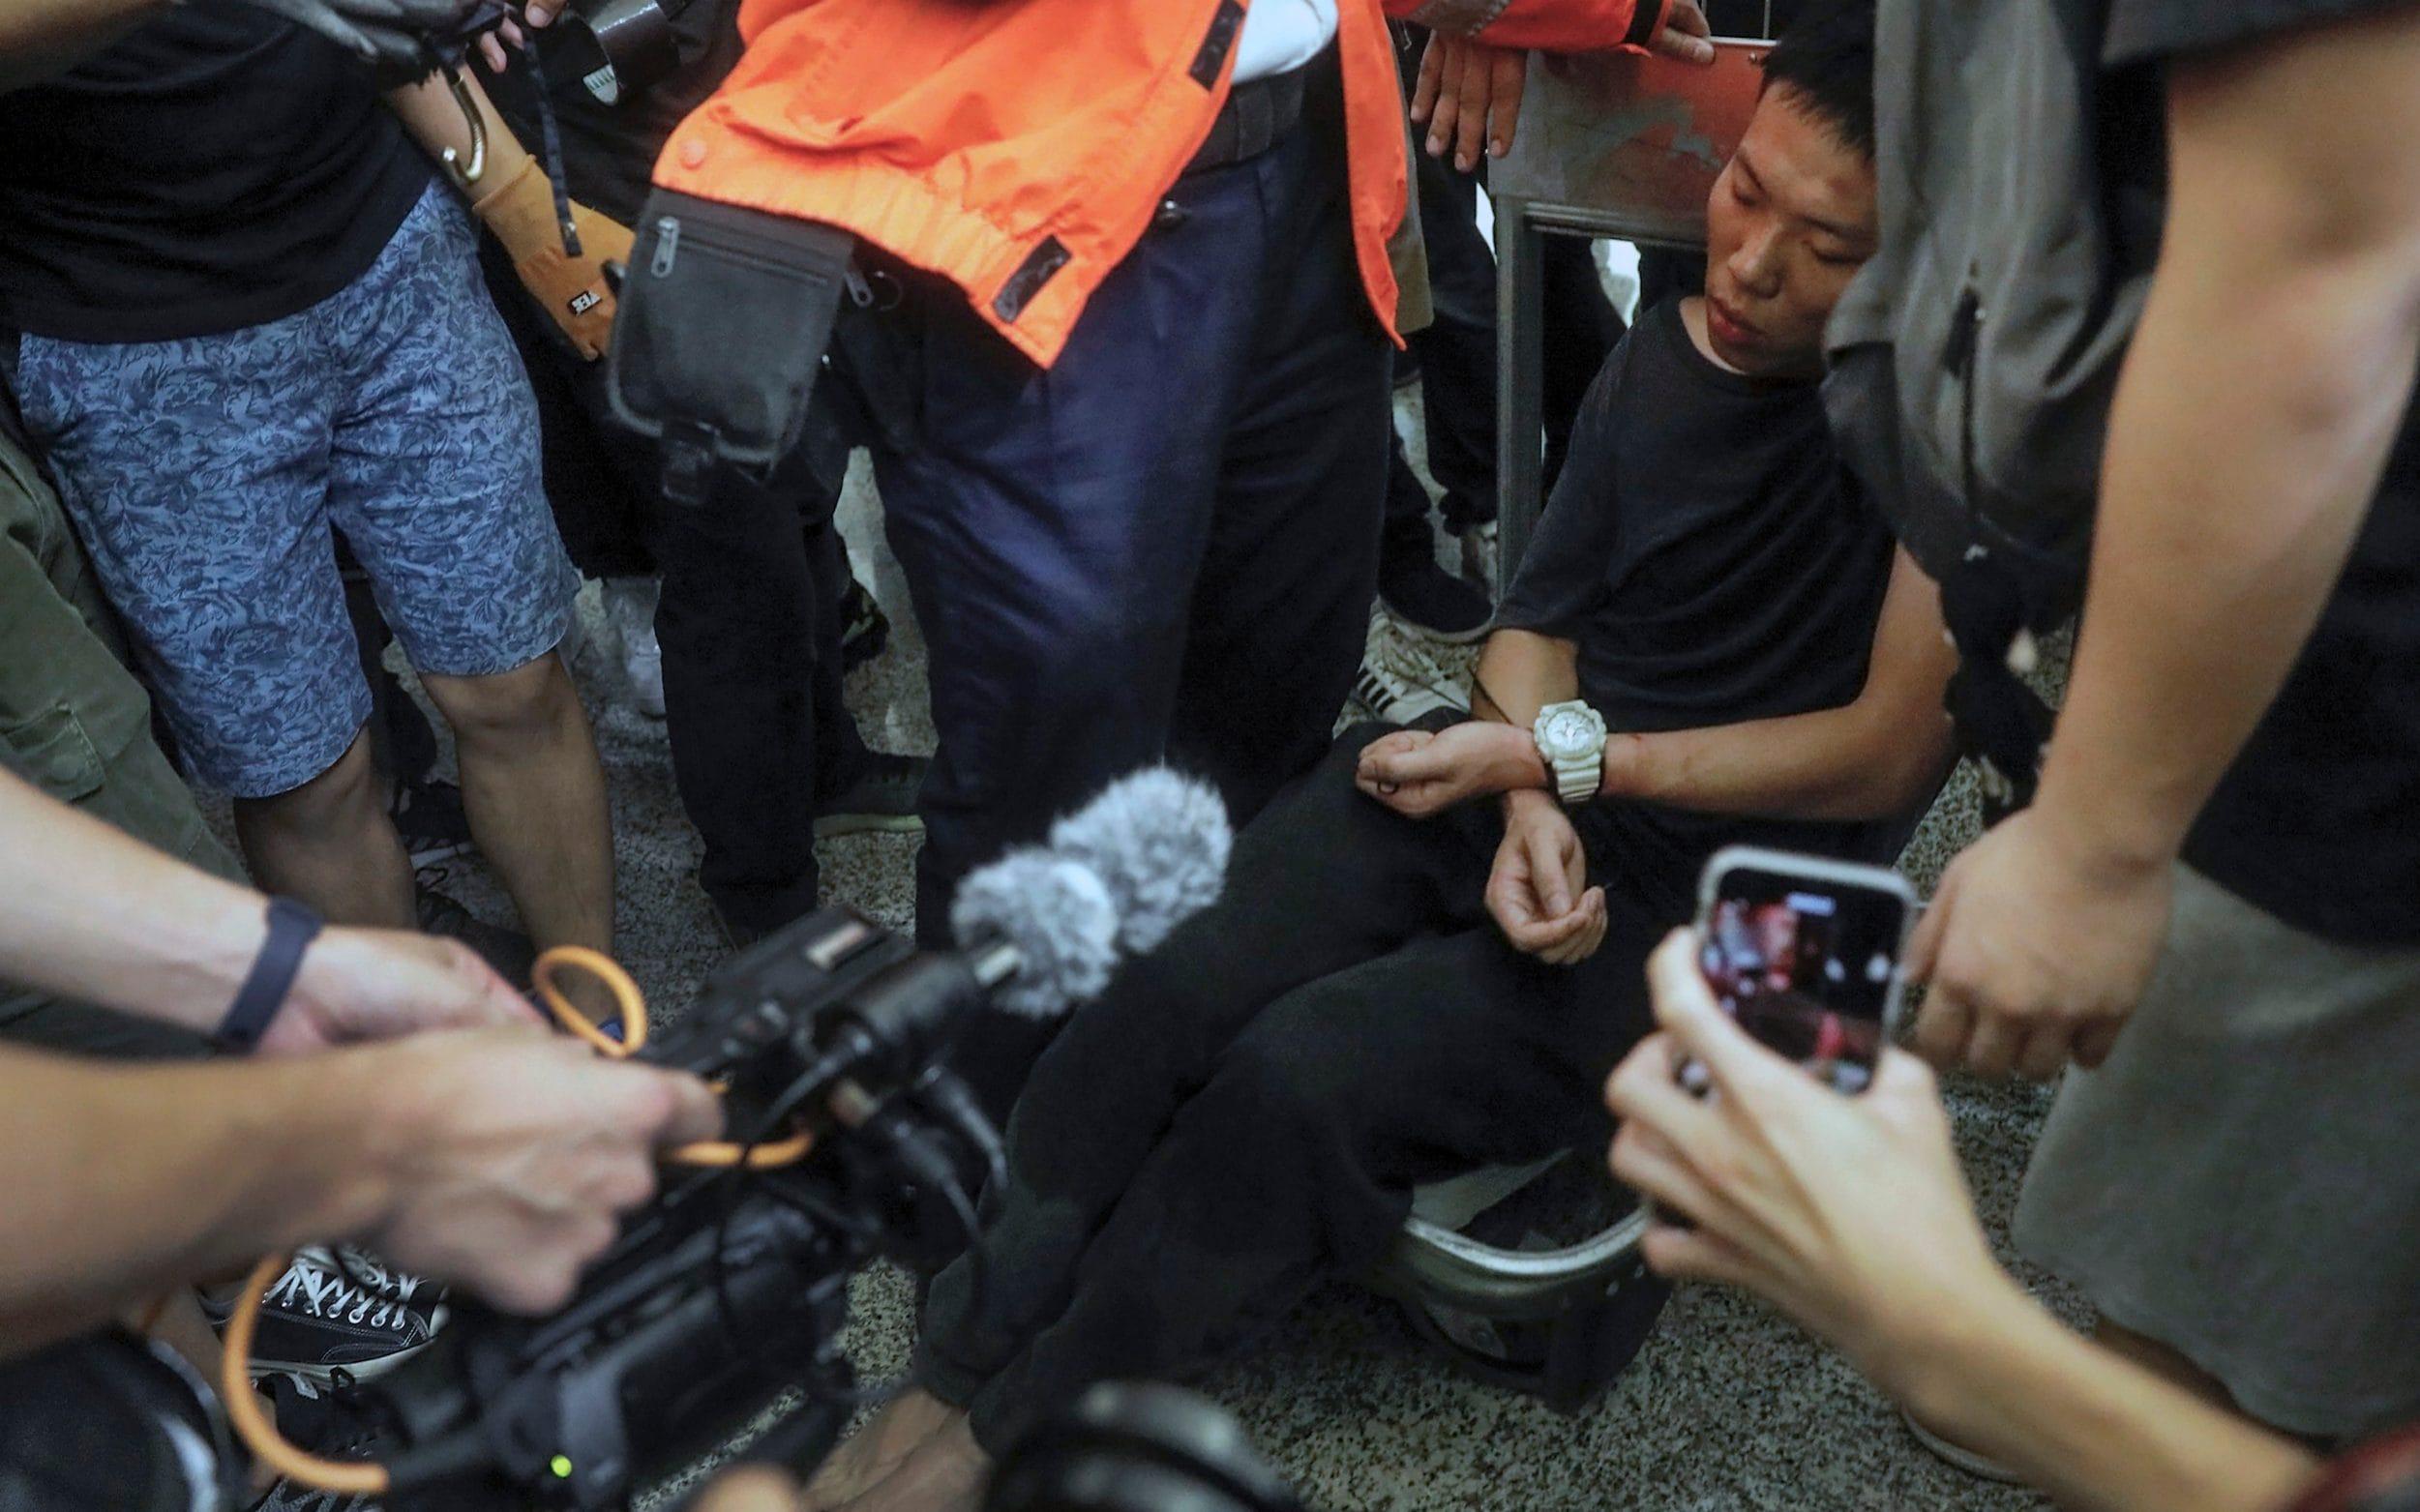 Beijing preparing tanks at Hong Kong border, warns Trump as protesters clash with police at airport